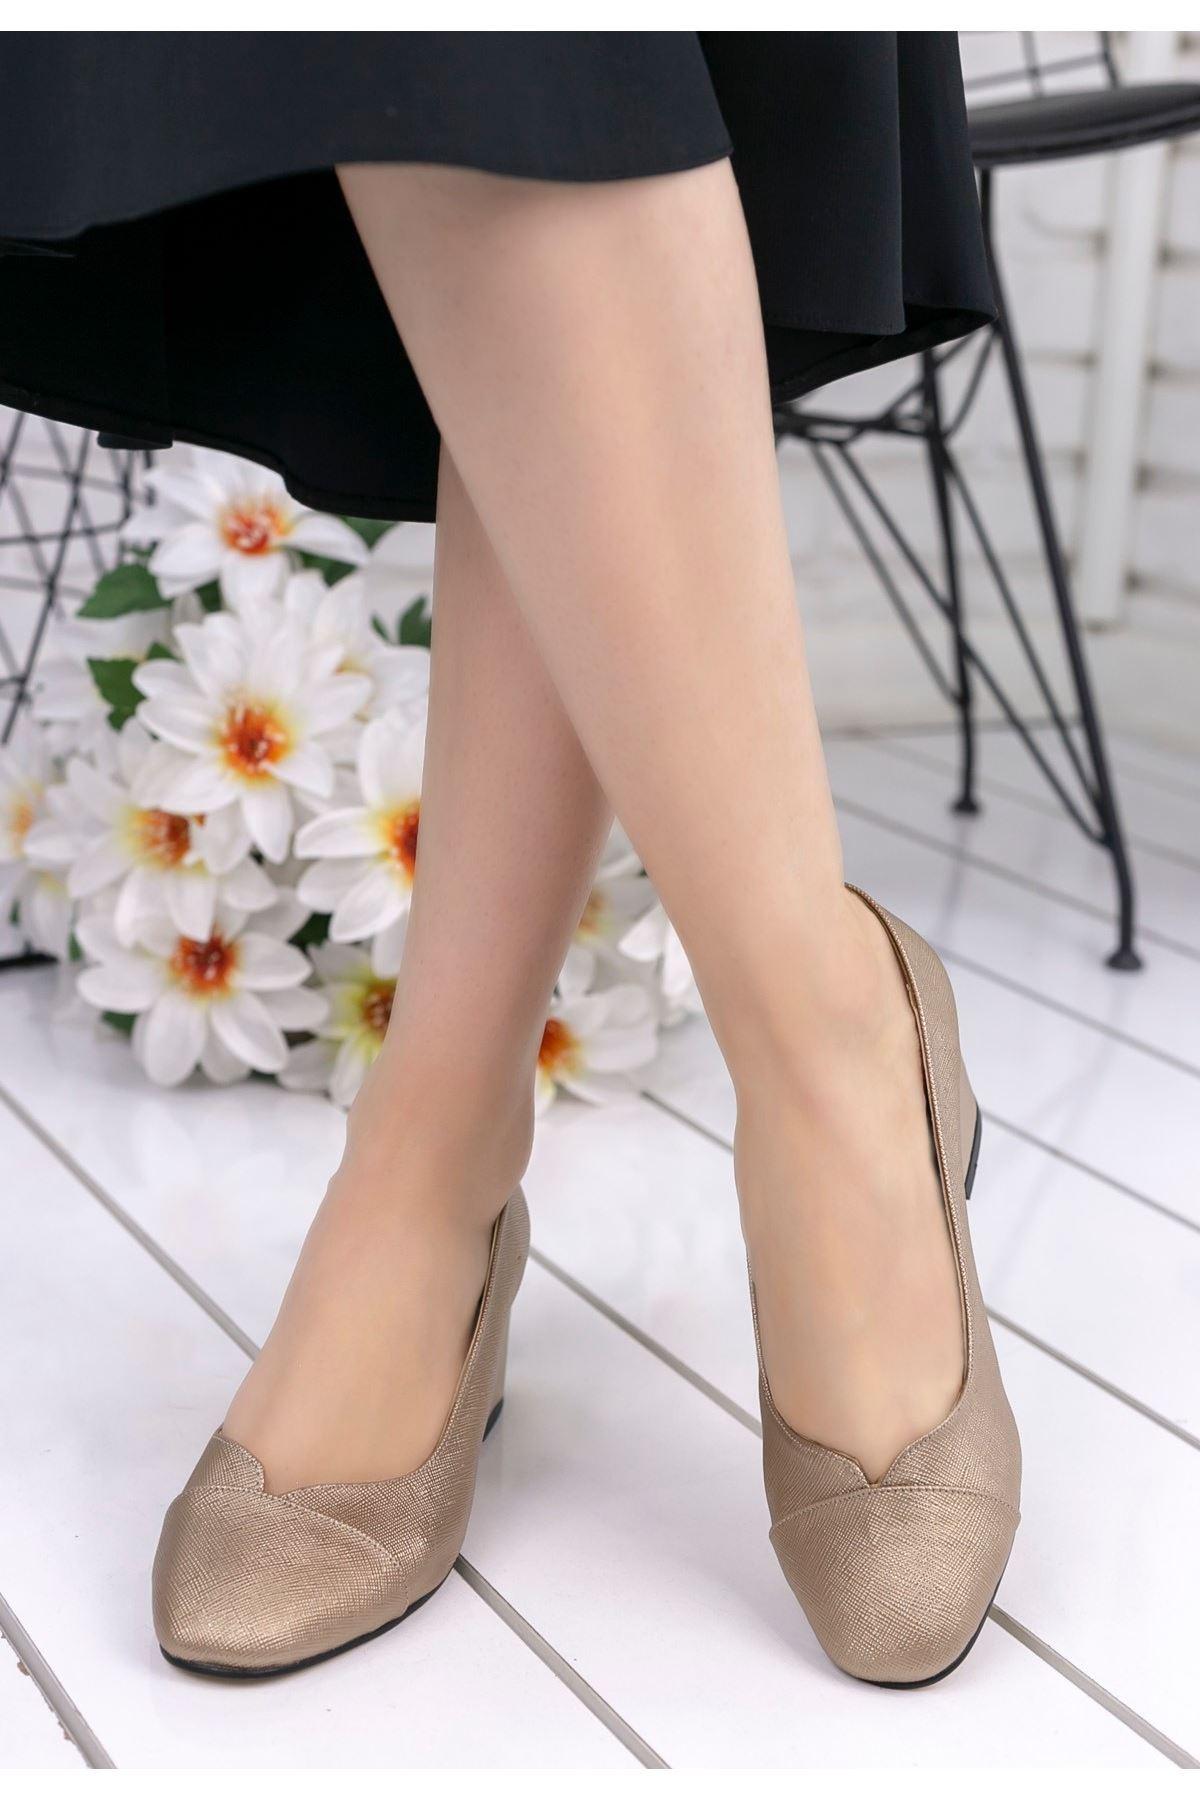 Goldie Gold Cilt Topuklu Ayakkabı